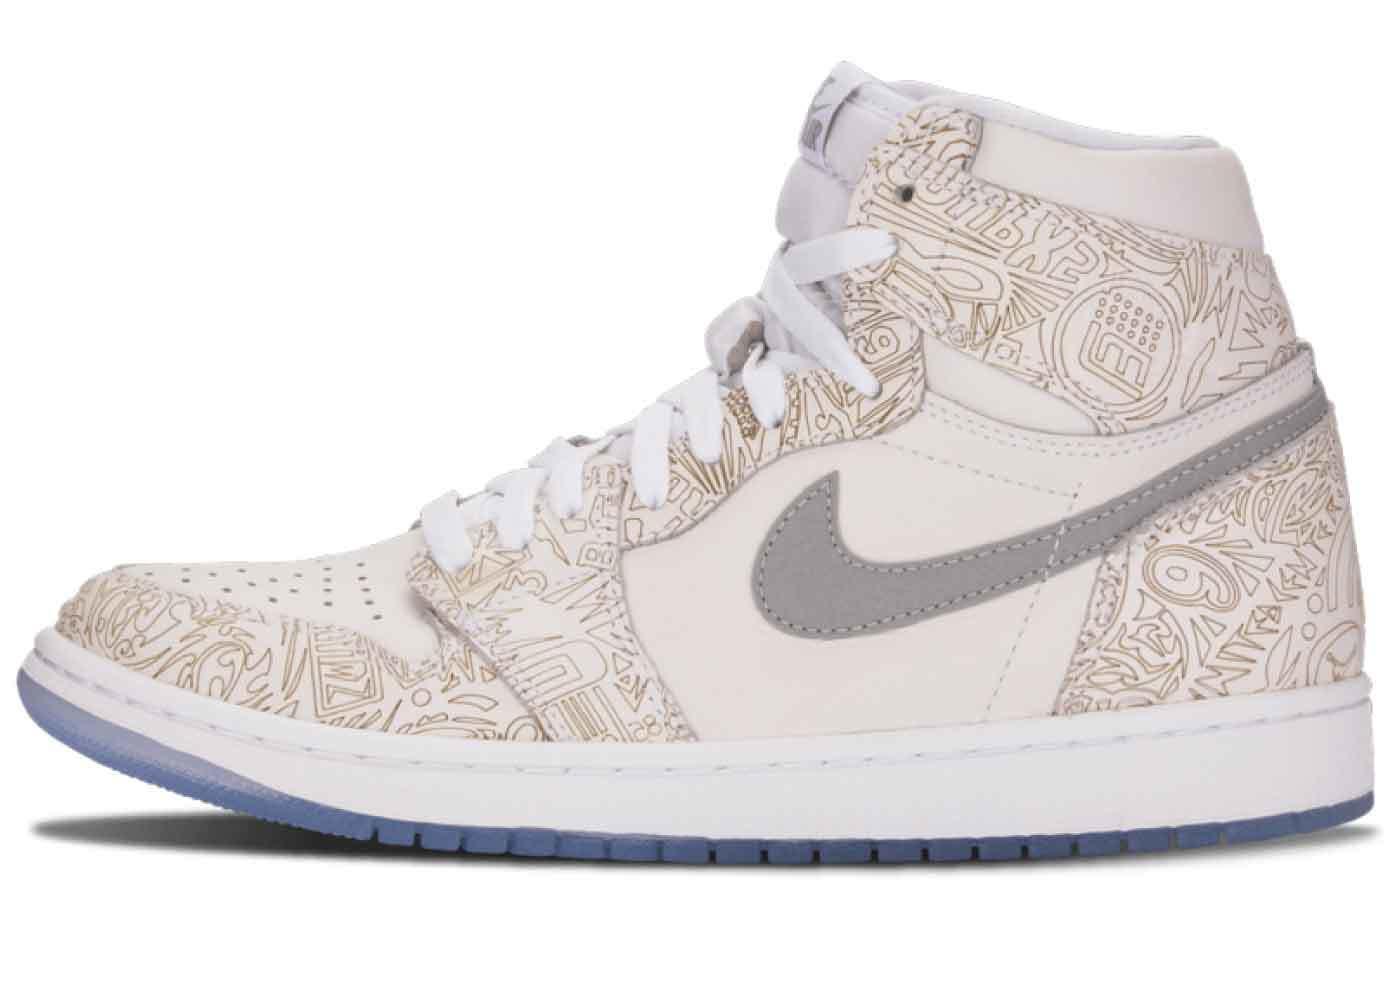 Nike Air Jordan 1 Retro 30th